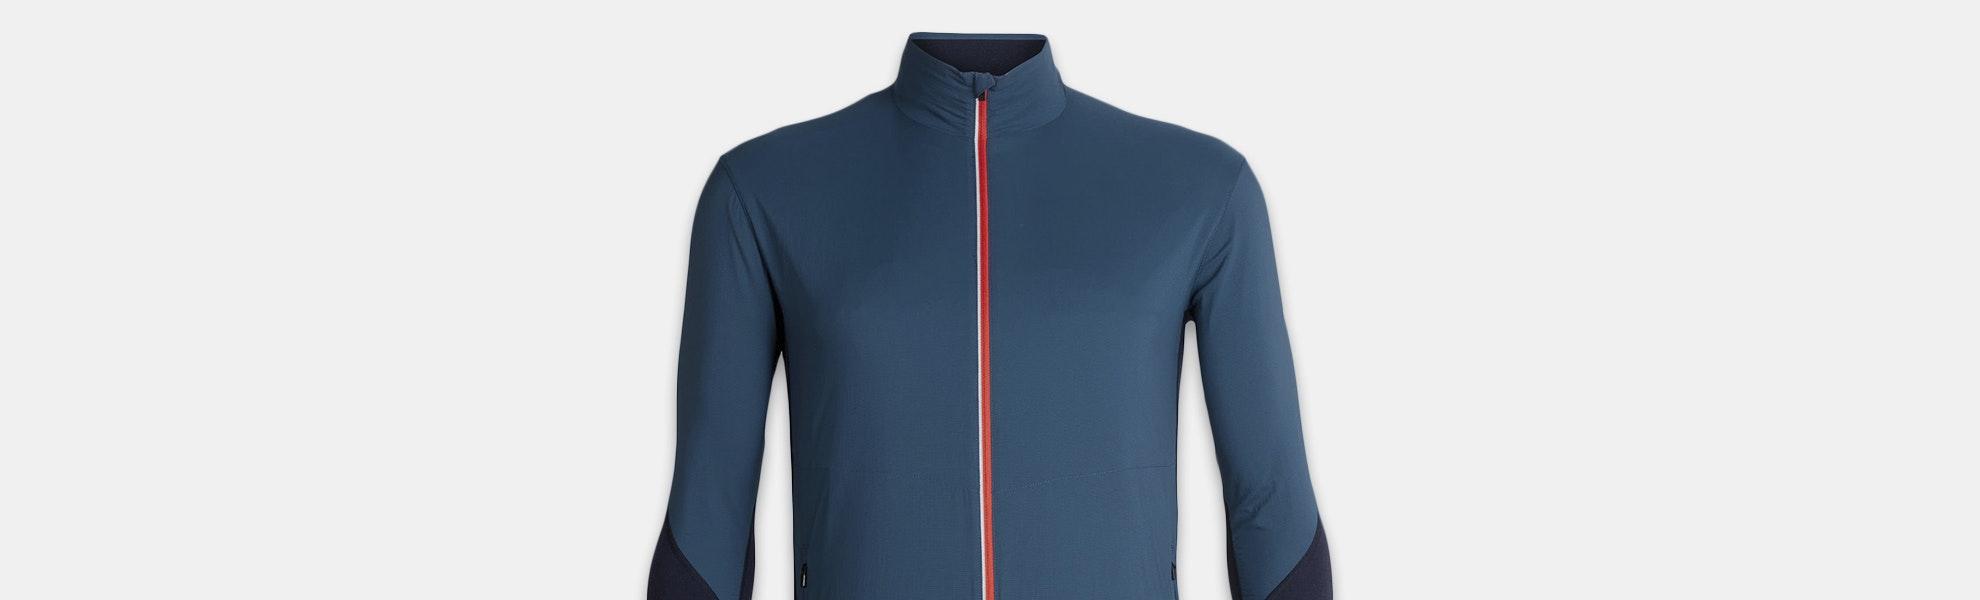 Icebreaker Tech Trainer Men's Hybrid Jacket/Vest